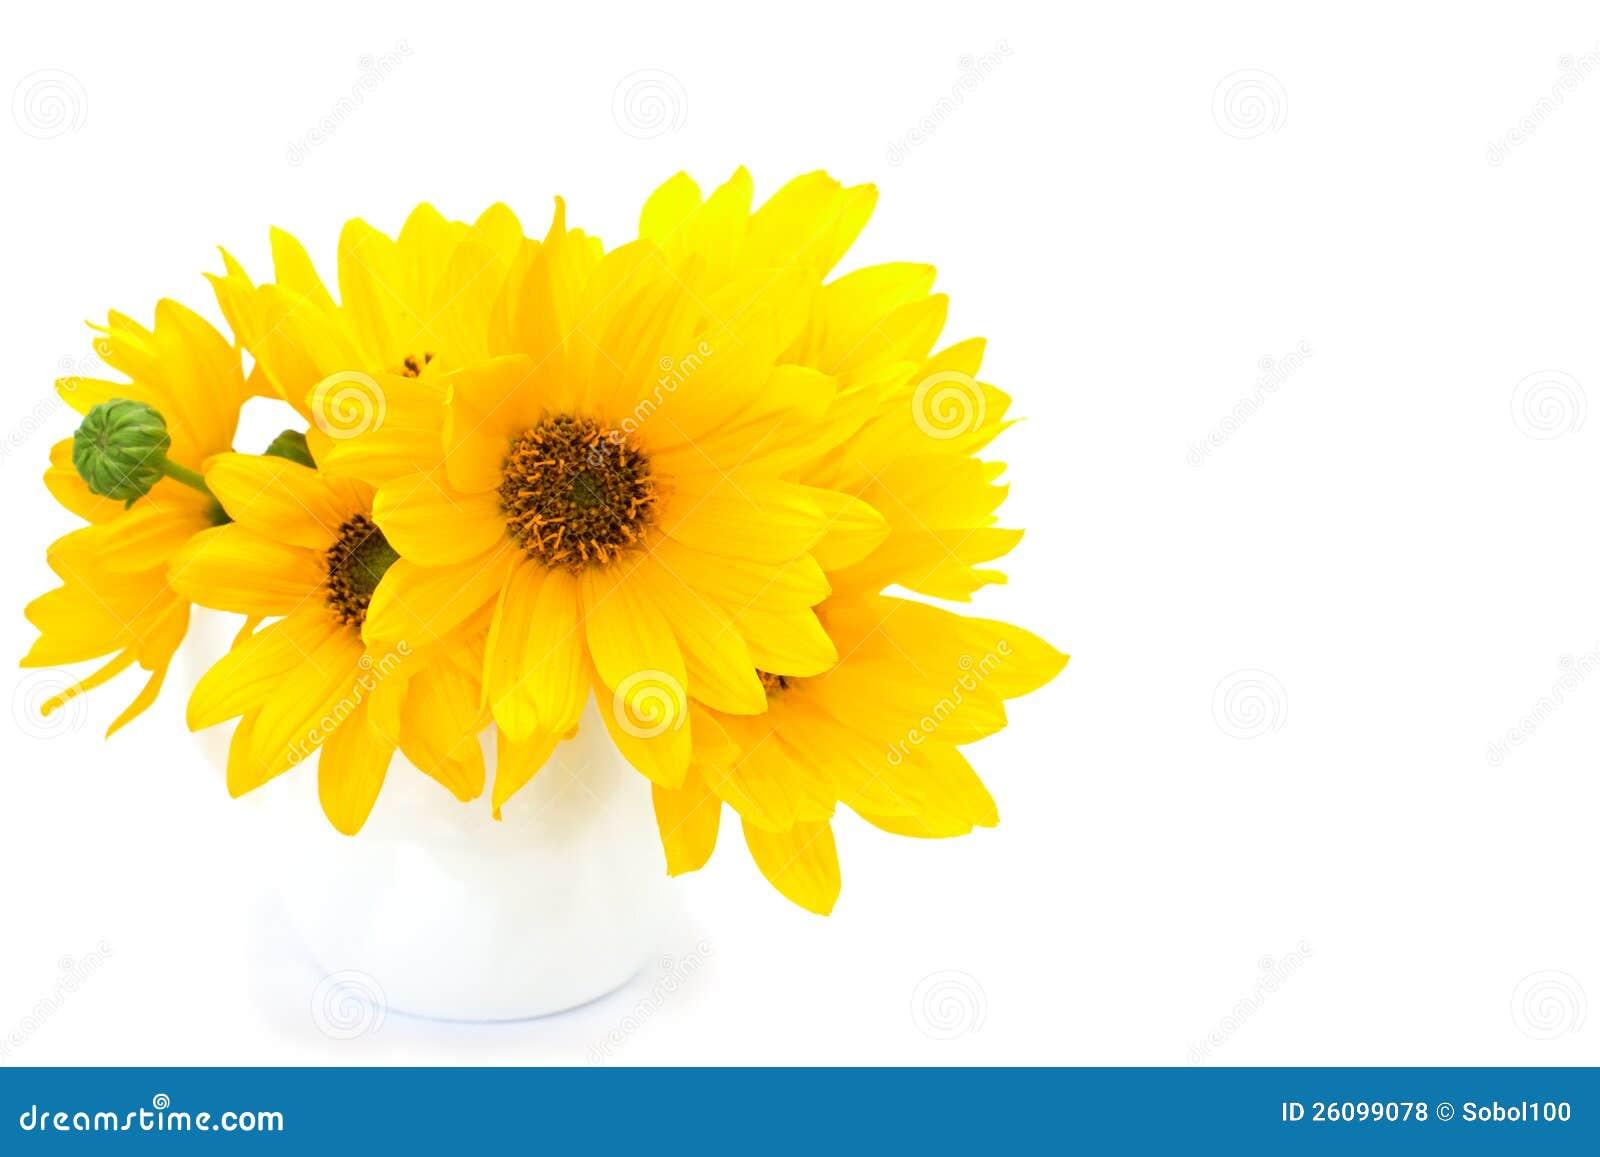 Fondos De Pantalla Flores Rosadas Crisantemo Fondo: Manojo De Flores Amarillas En El Fondo Blanco Fotos De